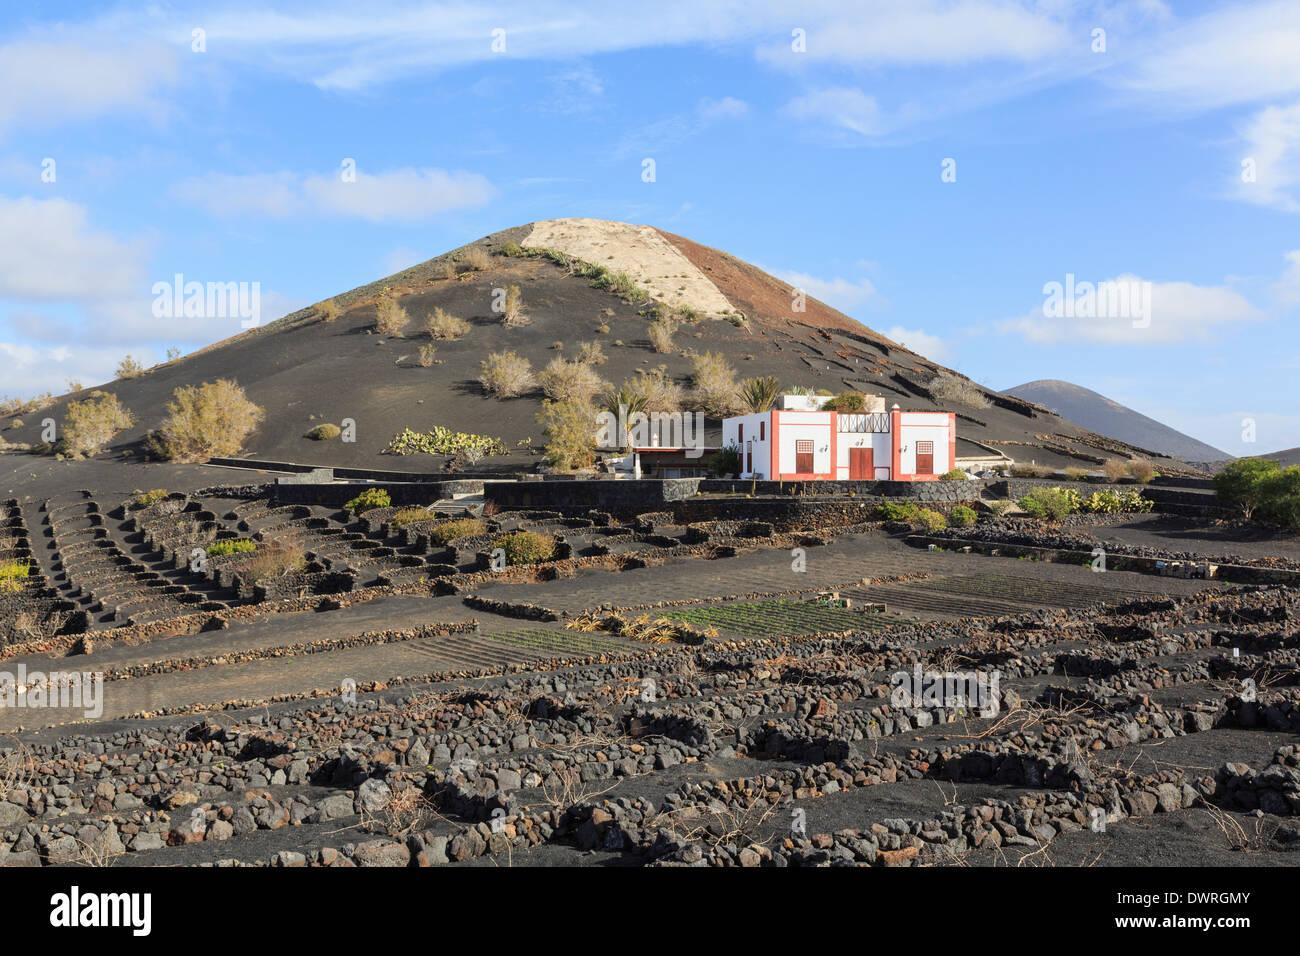 Weingut über einen Bereich der Reben wachsen in Vulkanasche geschützt von Mauern in den Weinbergen La Geria, Lanzarote, Kanarische Inseln Stockbild